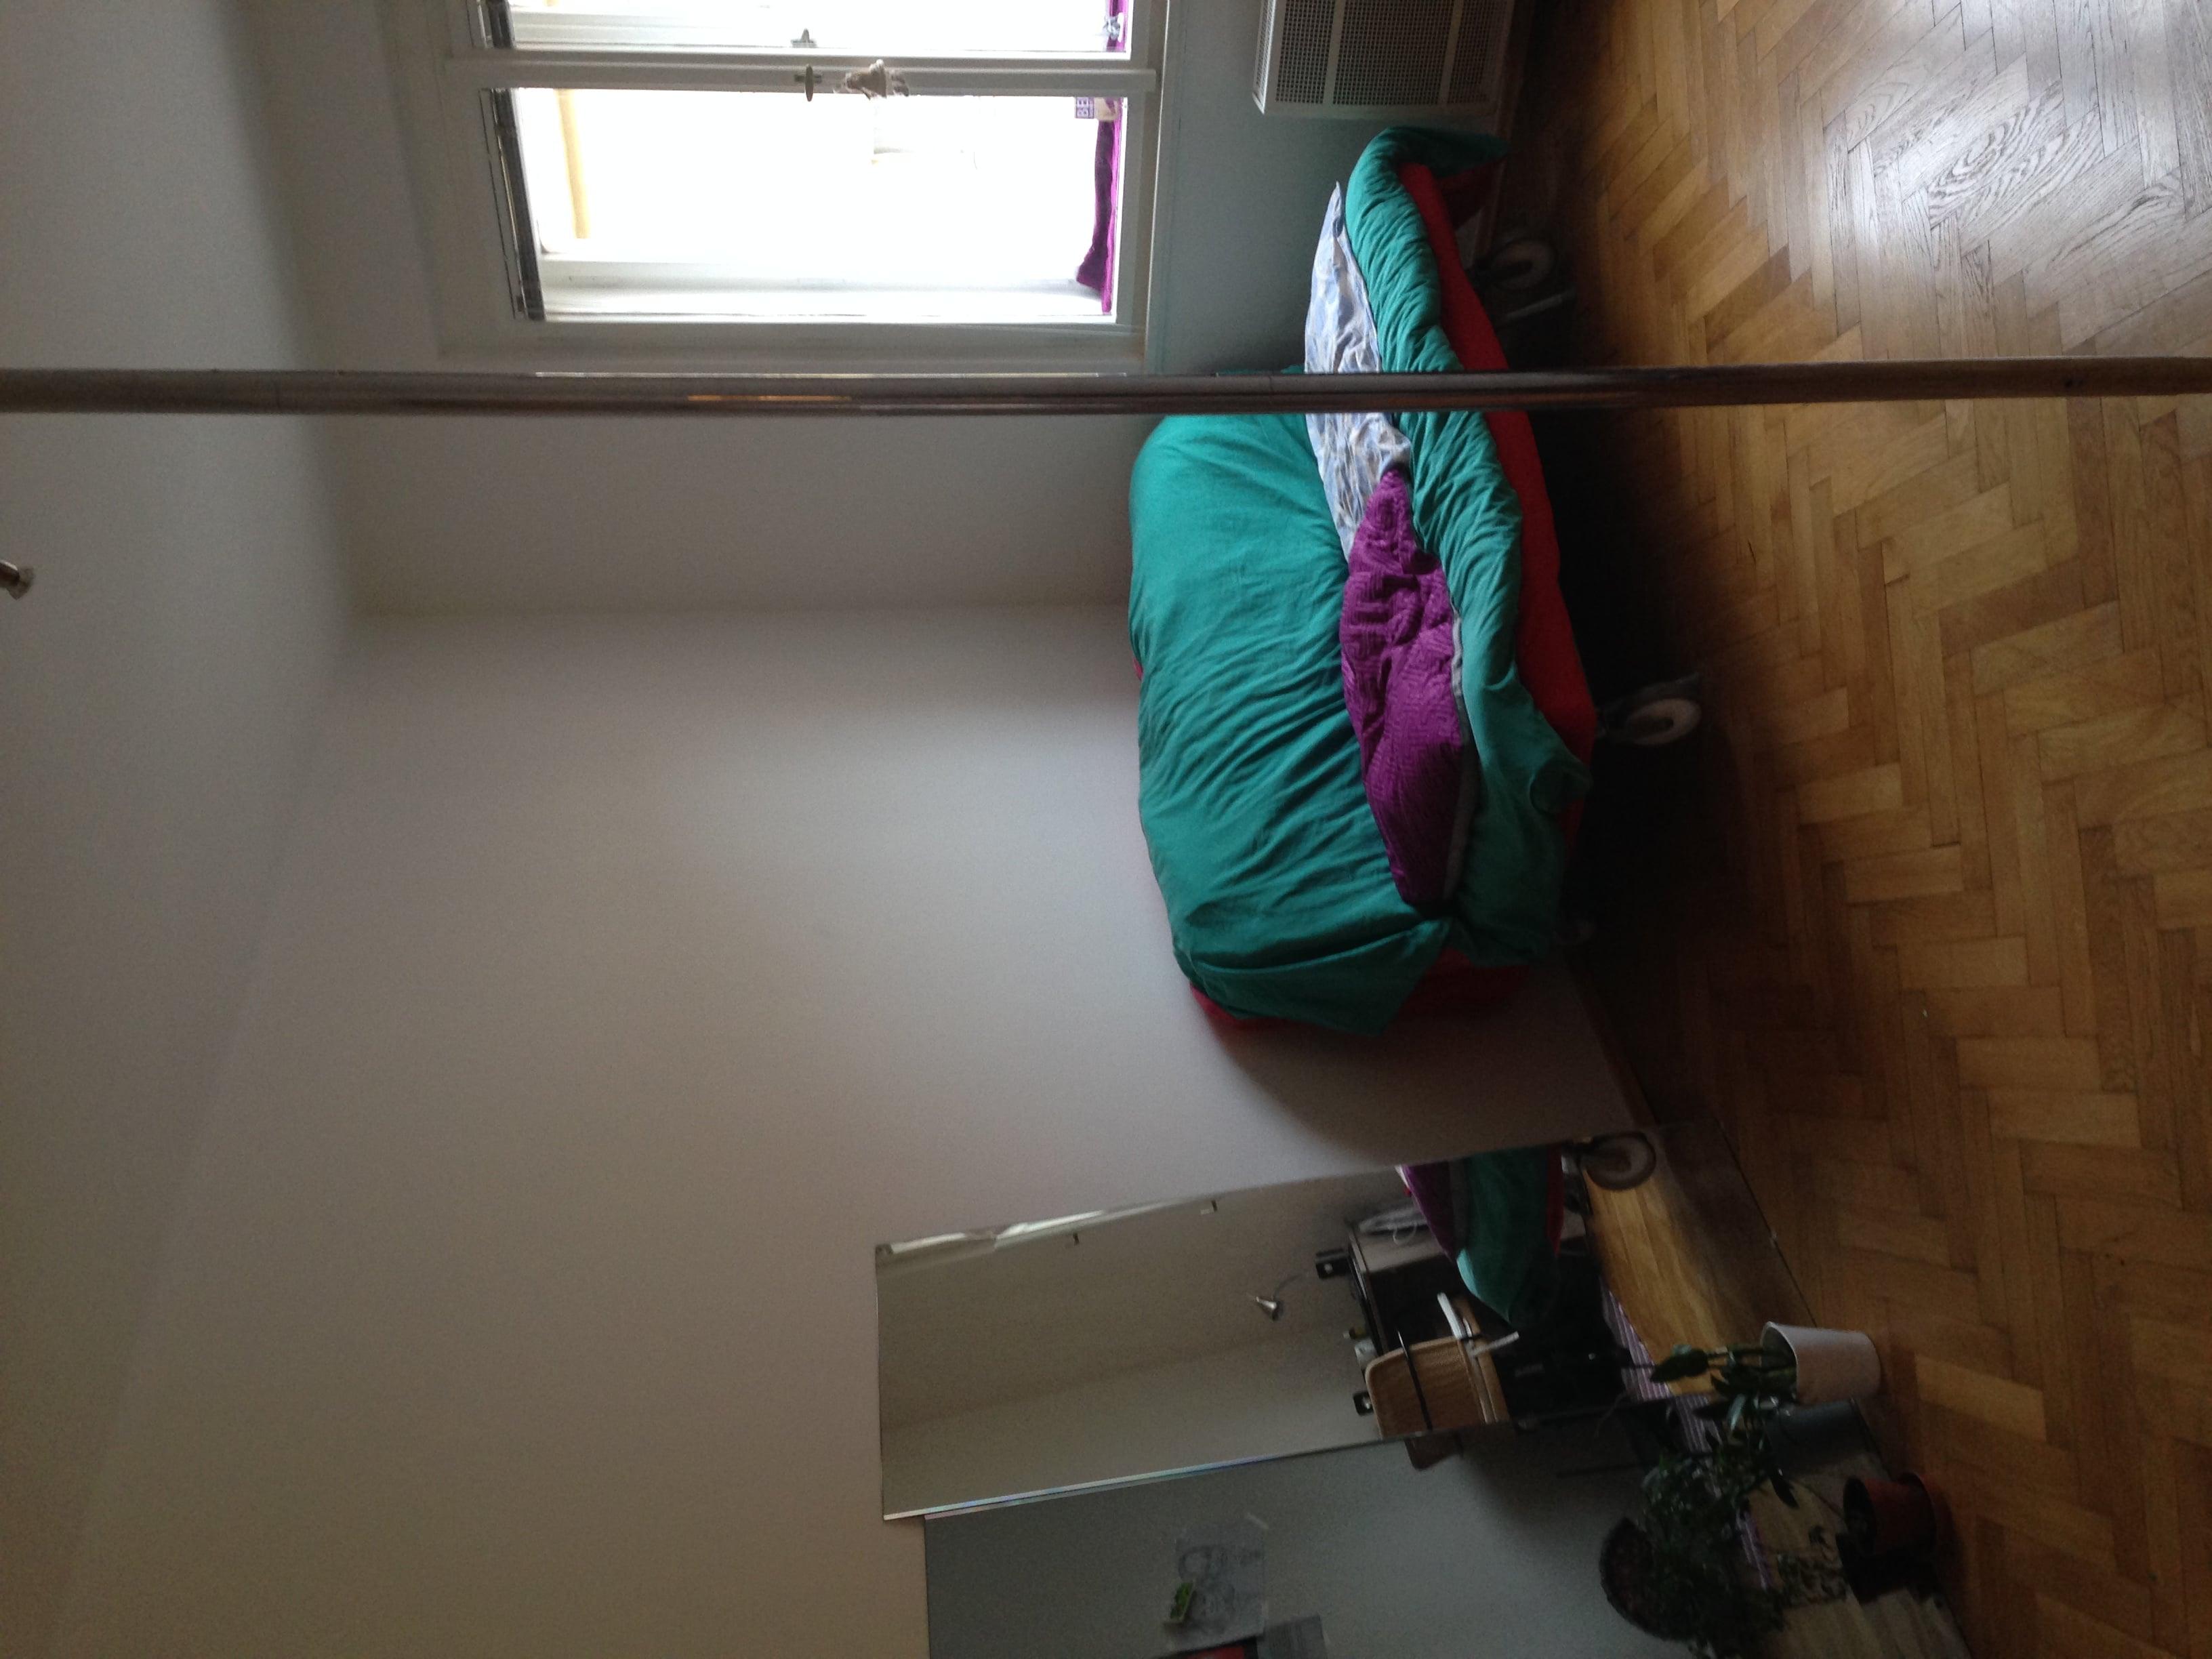 למכירה דירת 2 חדרים בגודל 52 מר בשכונת ז'יז'קוב א (2)